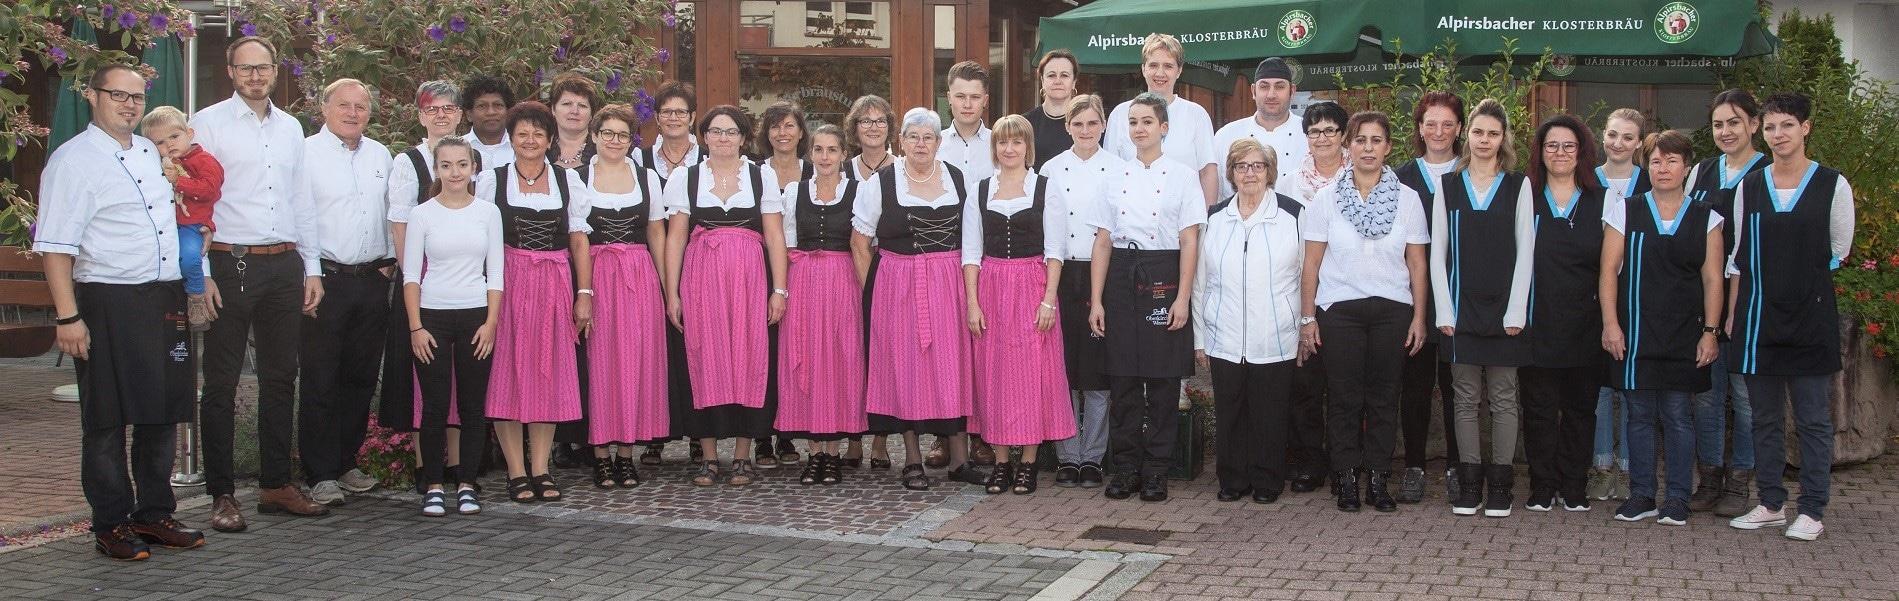 Mitarbeiterfoto im Hof des Hotel Klosterbräustuben